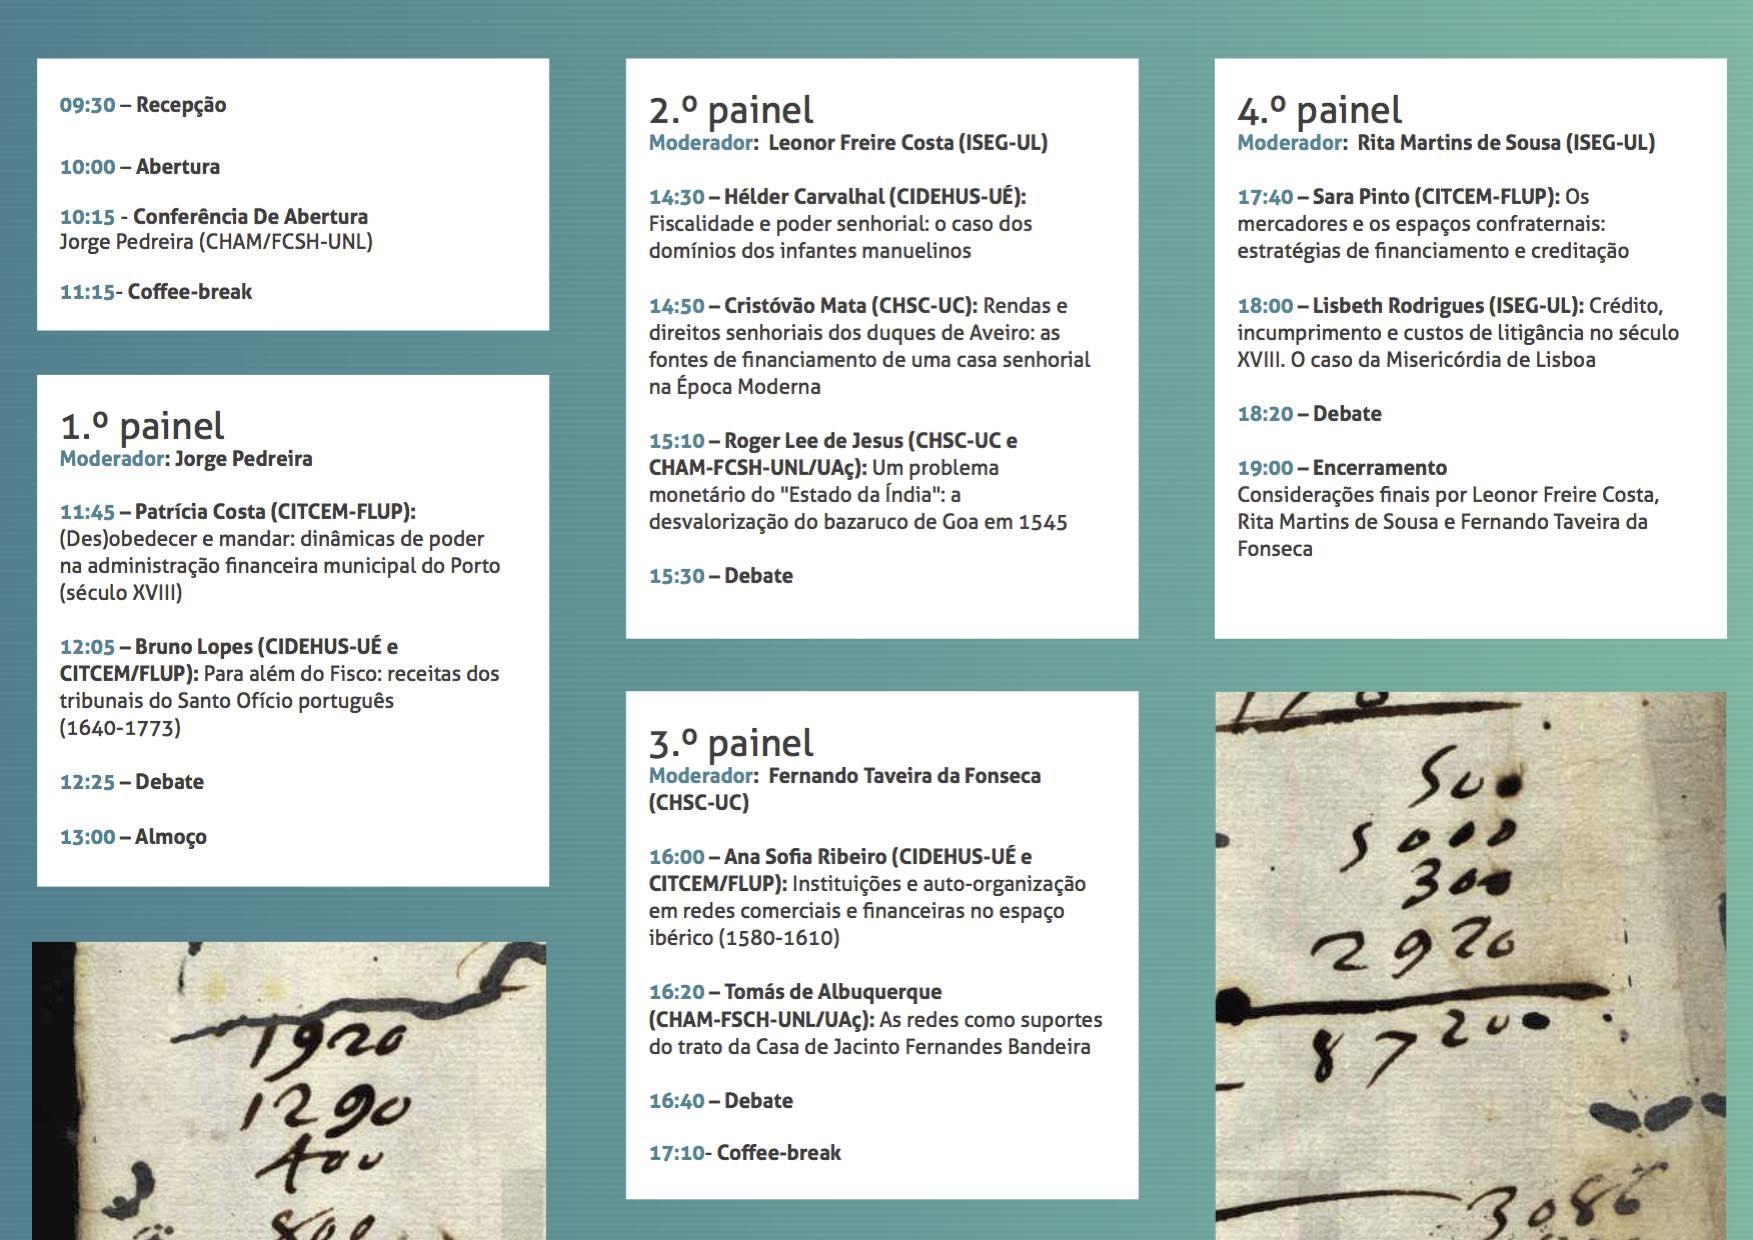 Folheto - Financas, Inst ituições, Cr2édito e Moeda em Portugal e no Império (séculos XVI-XVIII)